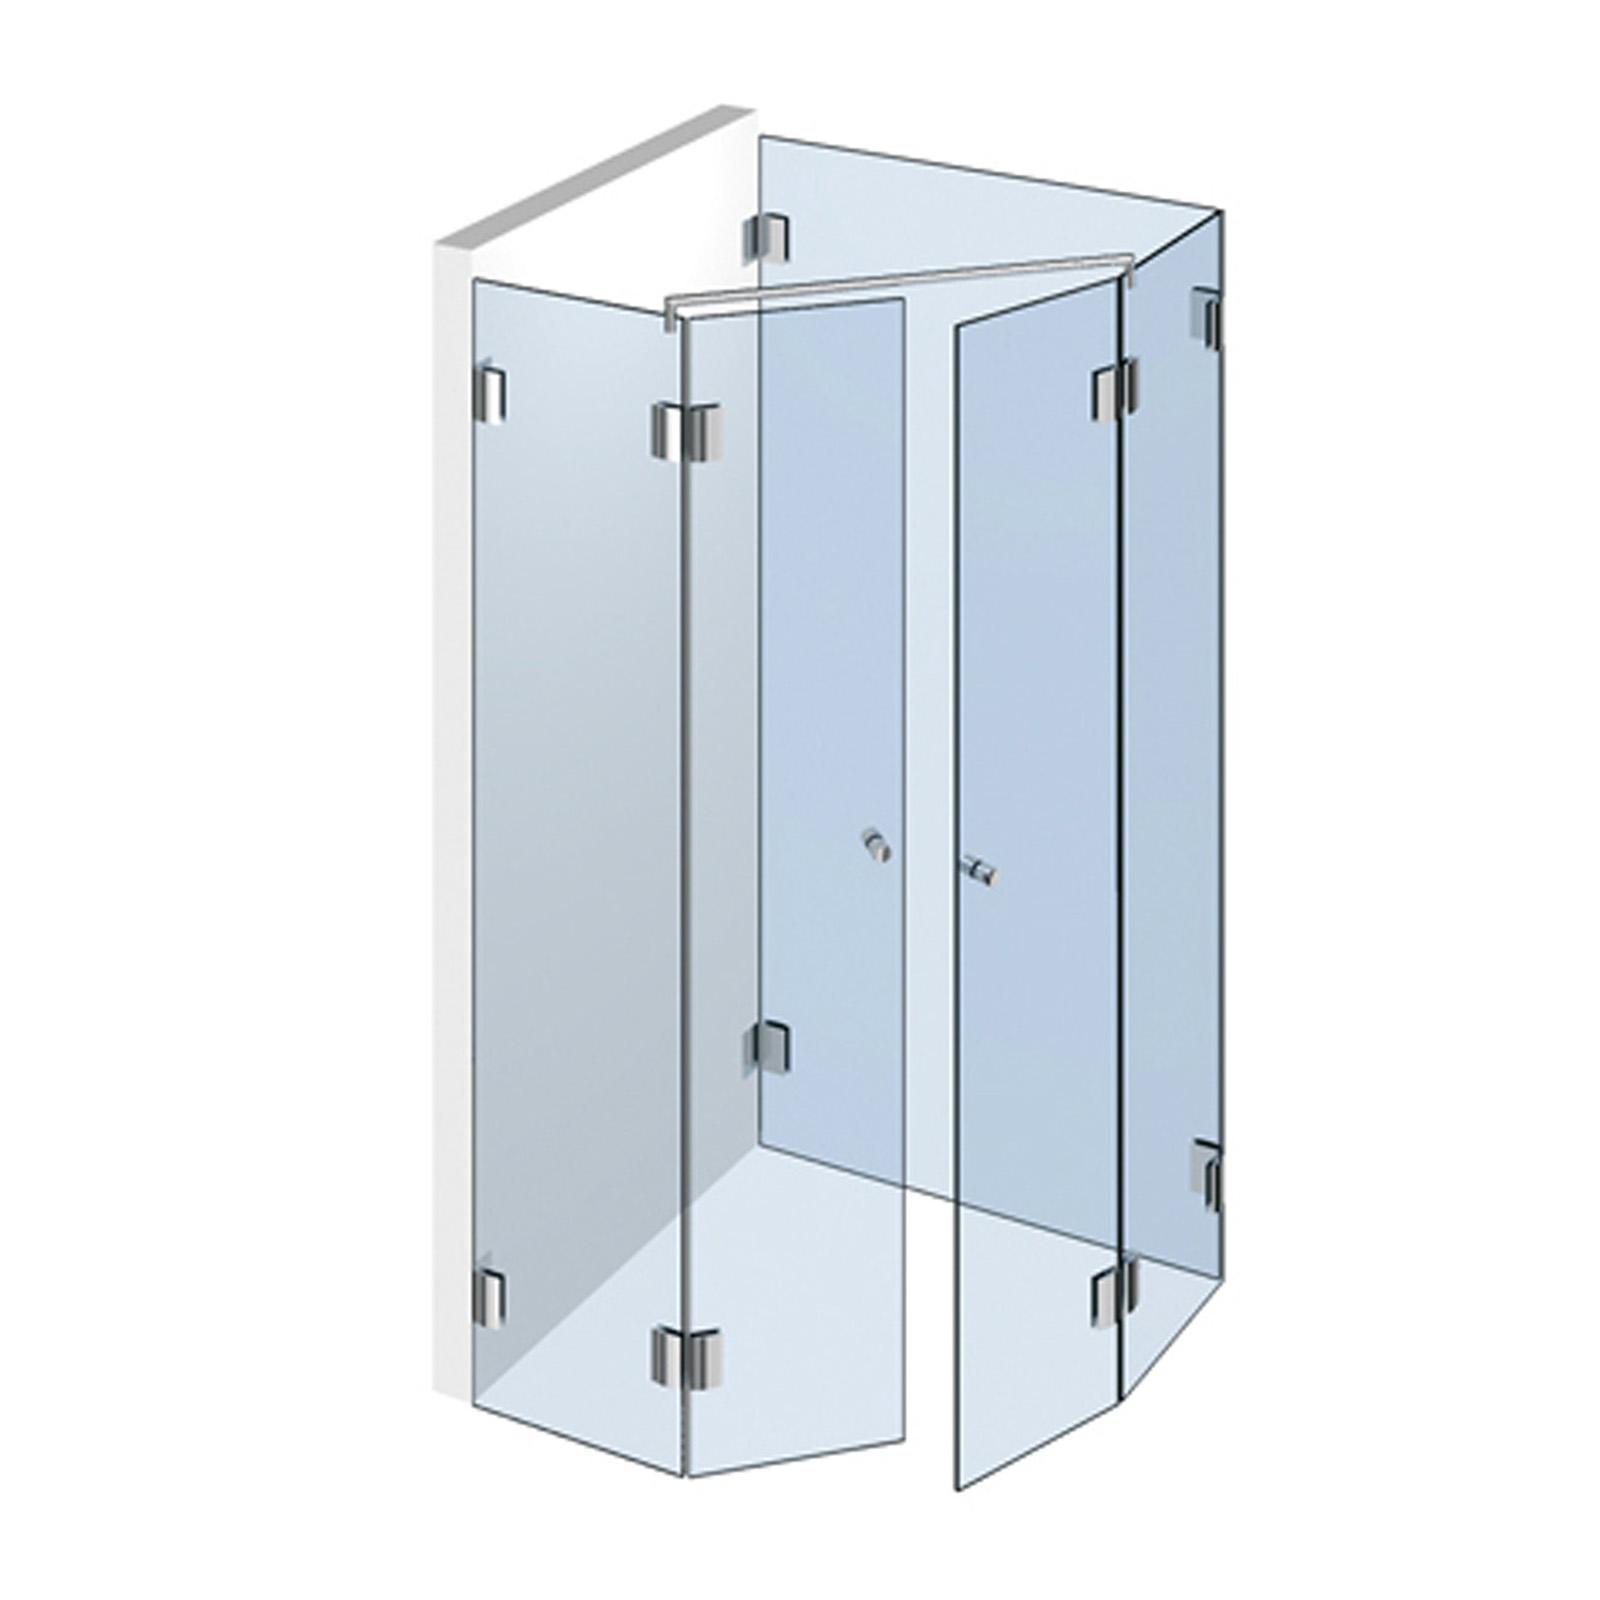 echtglasdusche typ 313 weitere aus glas duschkabinen duschw nde. Black Bedroom Furniture Sets. Home Design Ideas